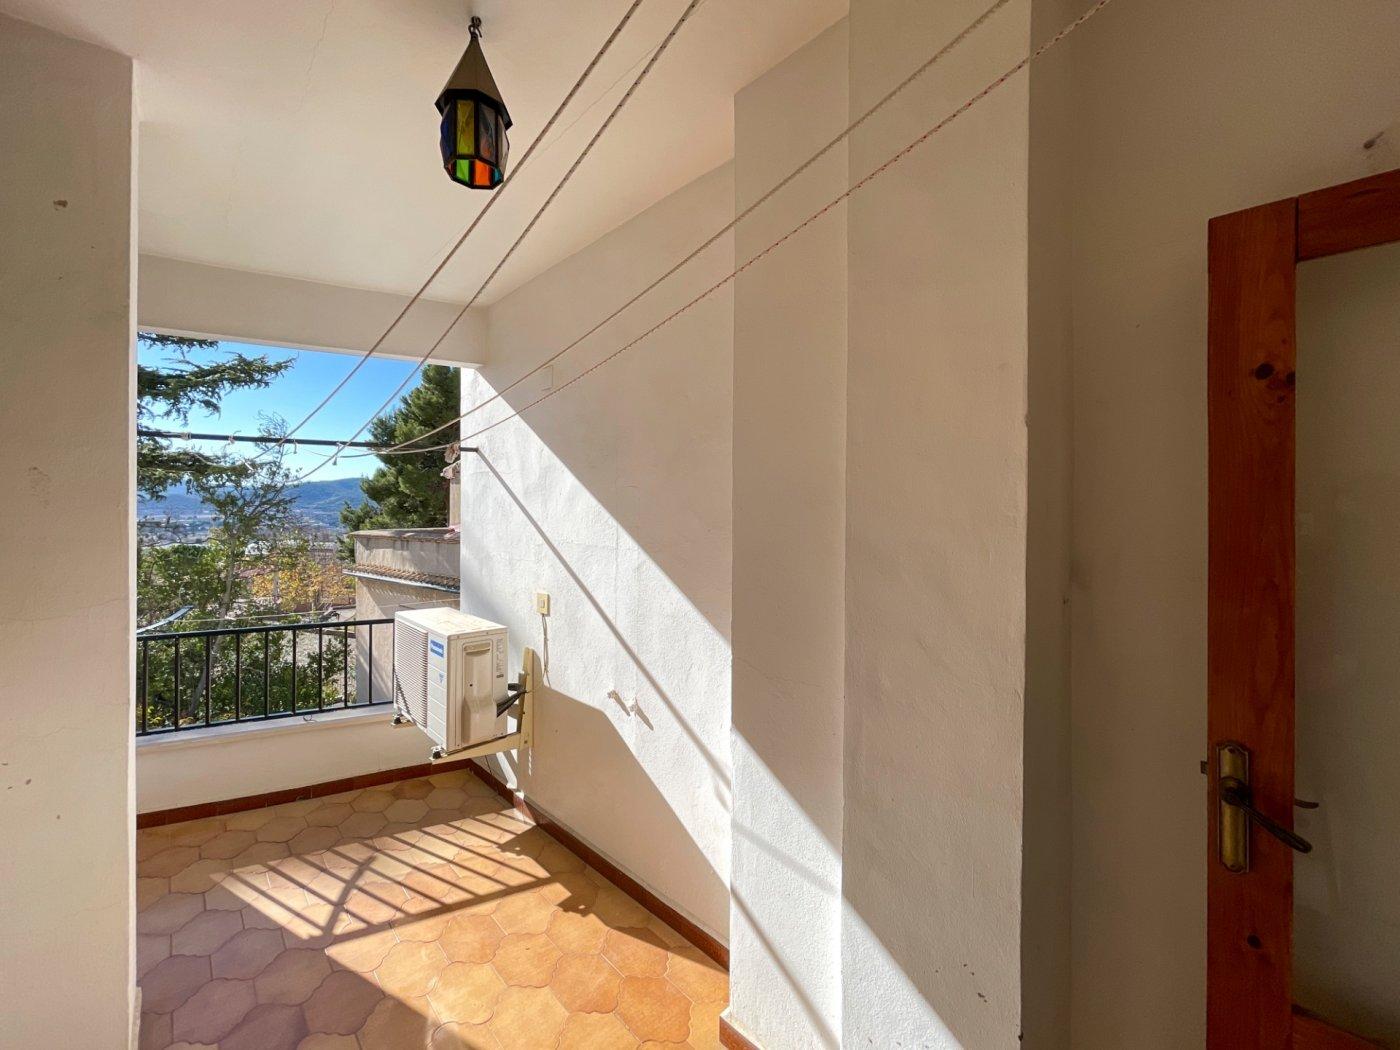 Magnifica casa con garaje en centro de onil - imagenInmueble29